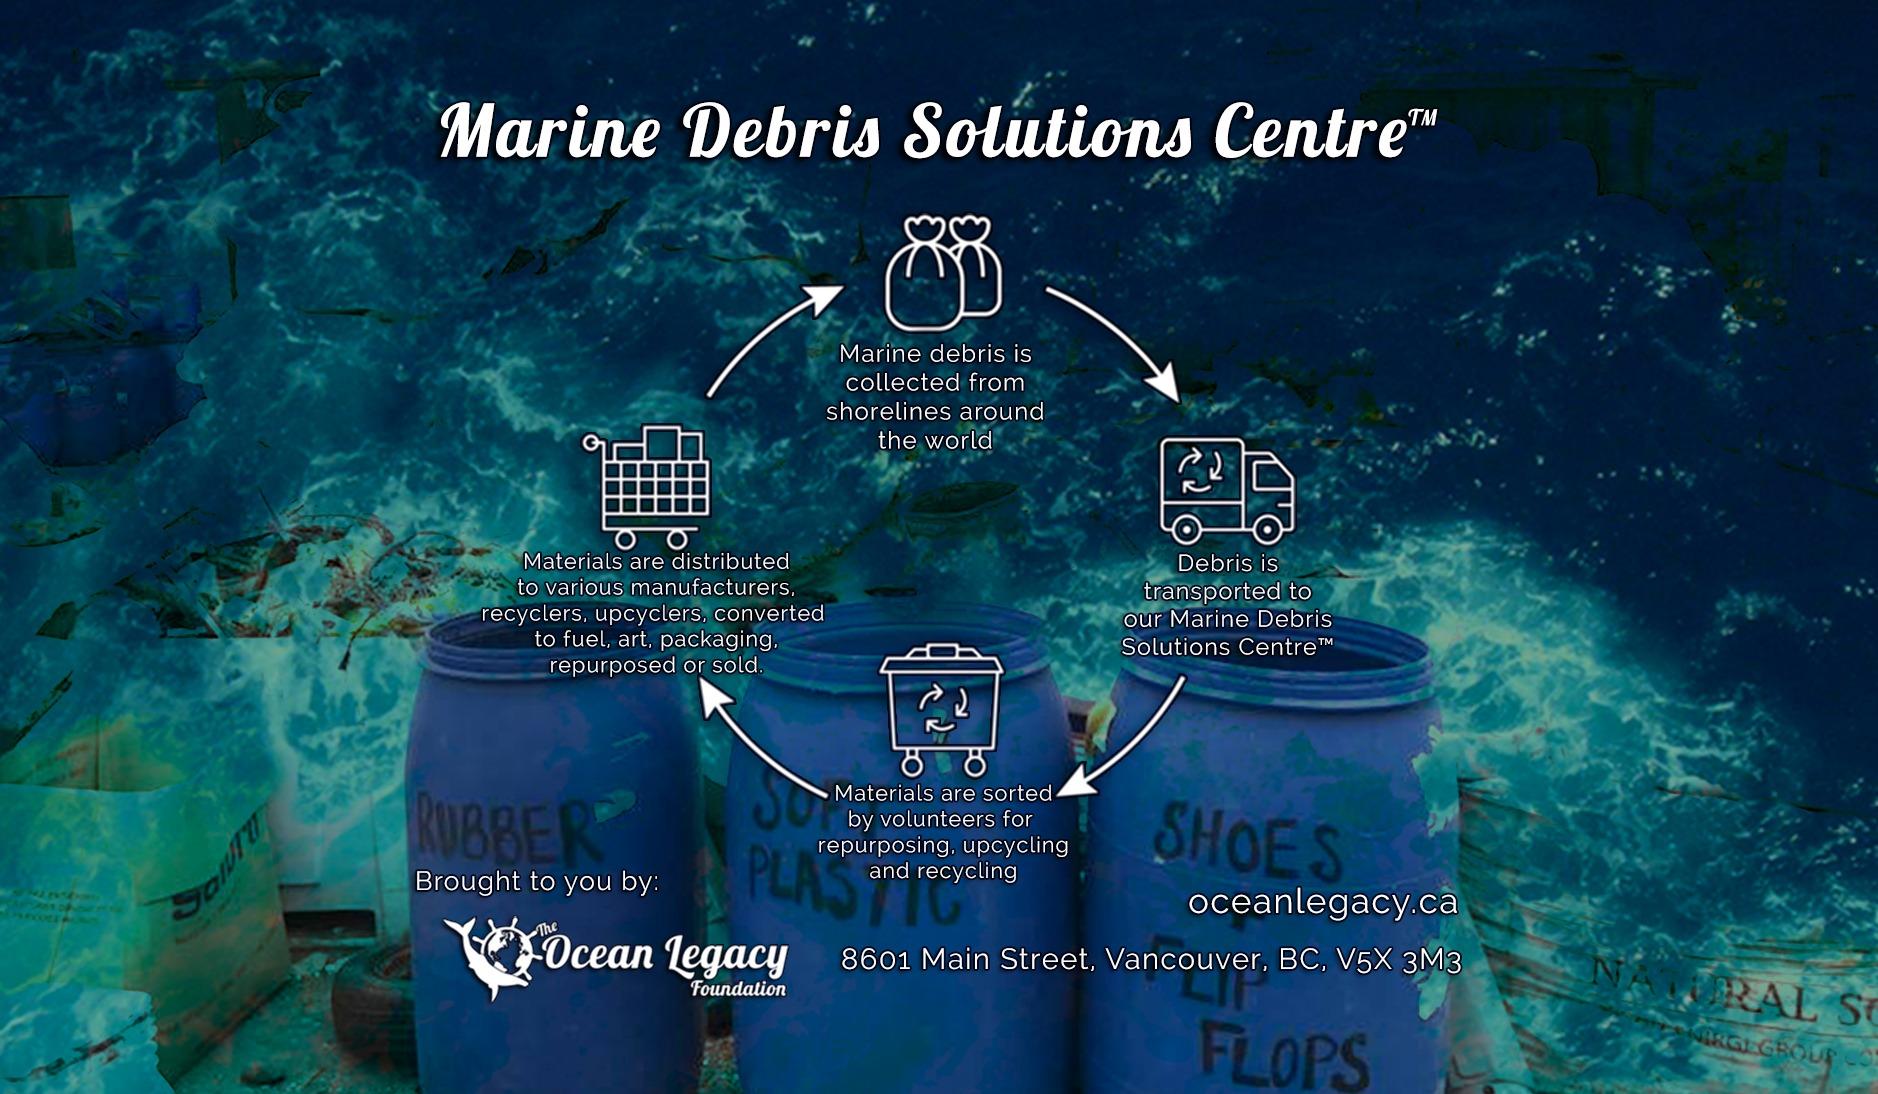 marine_debris_solutions_centre3